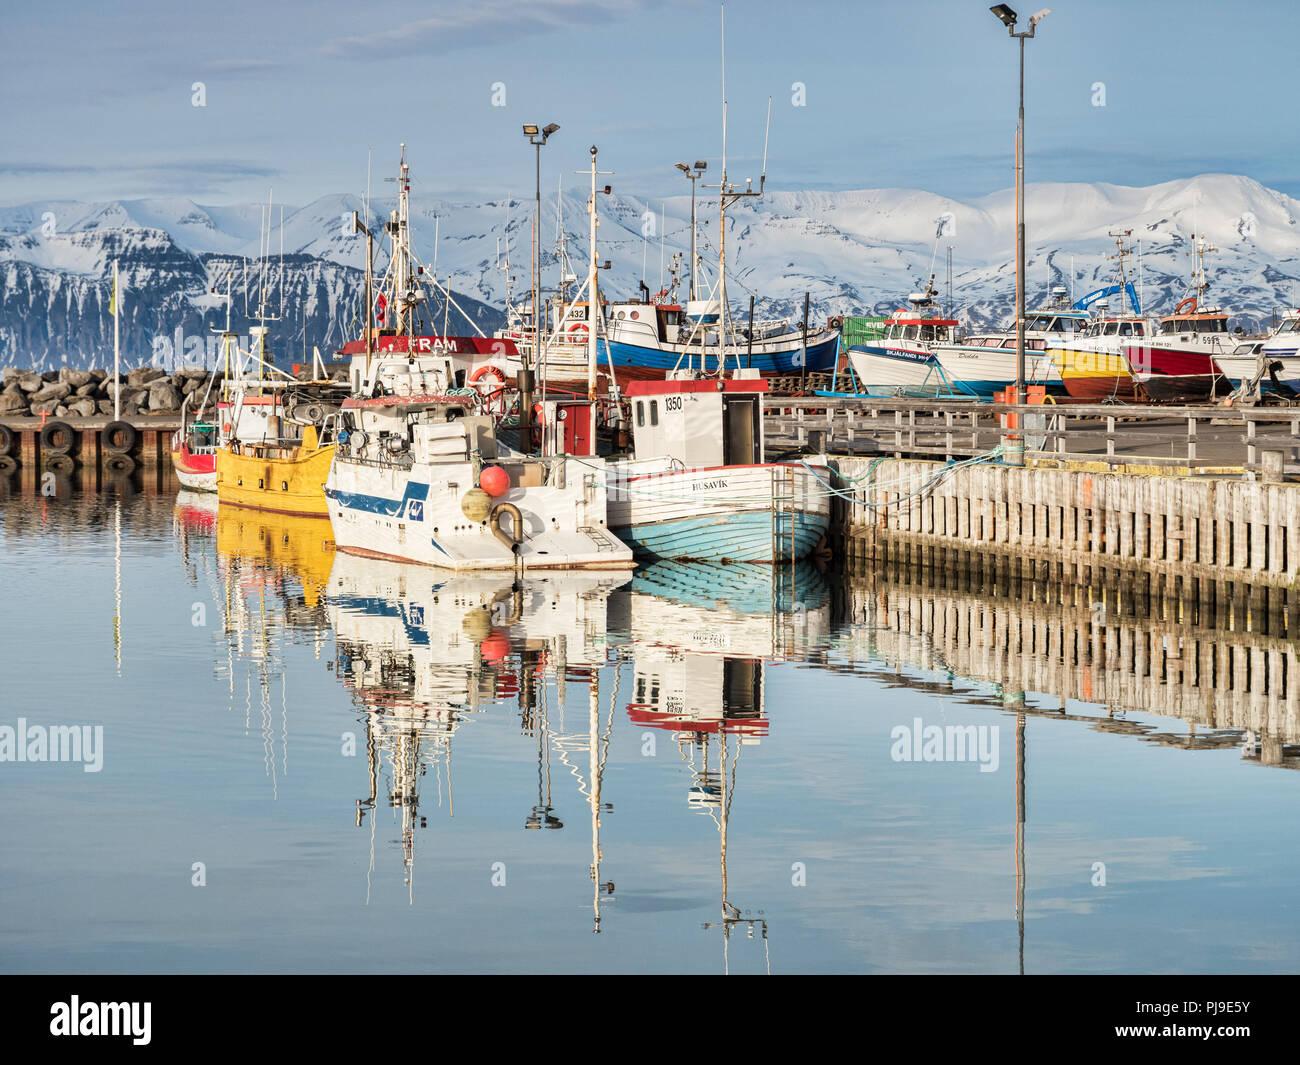 13. April 2018: Husavik, North Island - Fischerboote im Hafen an einem strahlenden Frühlingstag. Stockbild